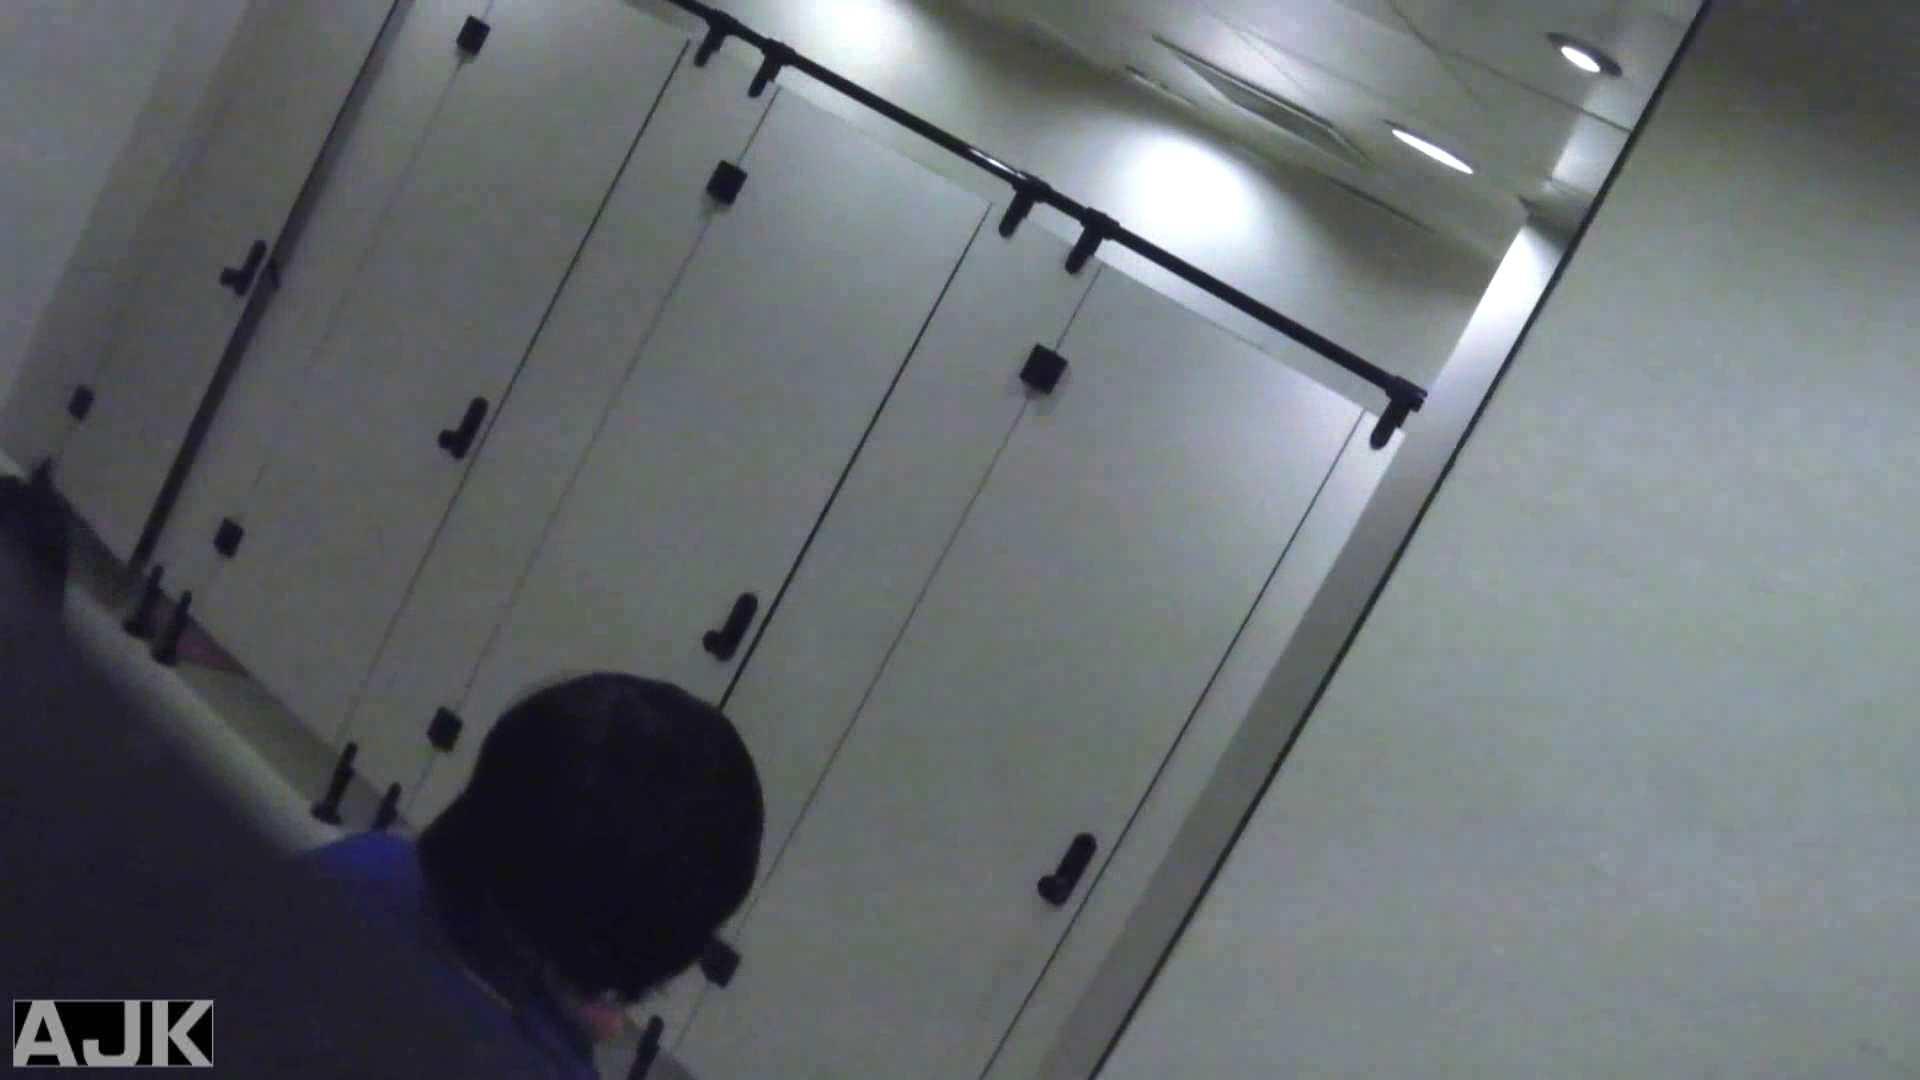 神降臨!史上最強の潜入かわや! vol.30 肛門 盗撮戯れ無修正画像 62画像 27